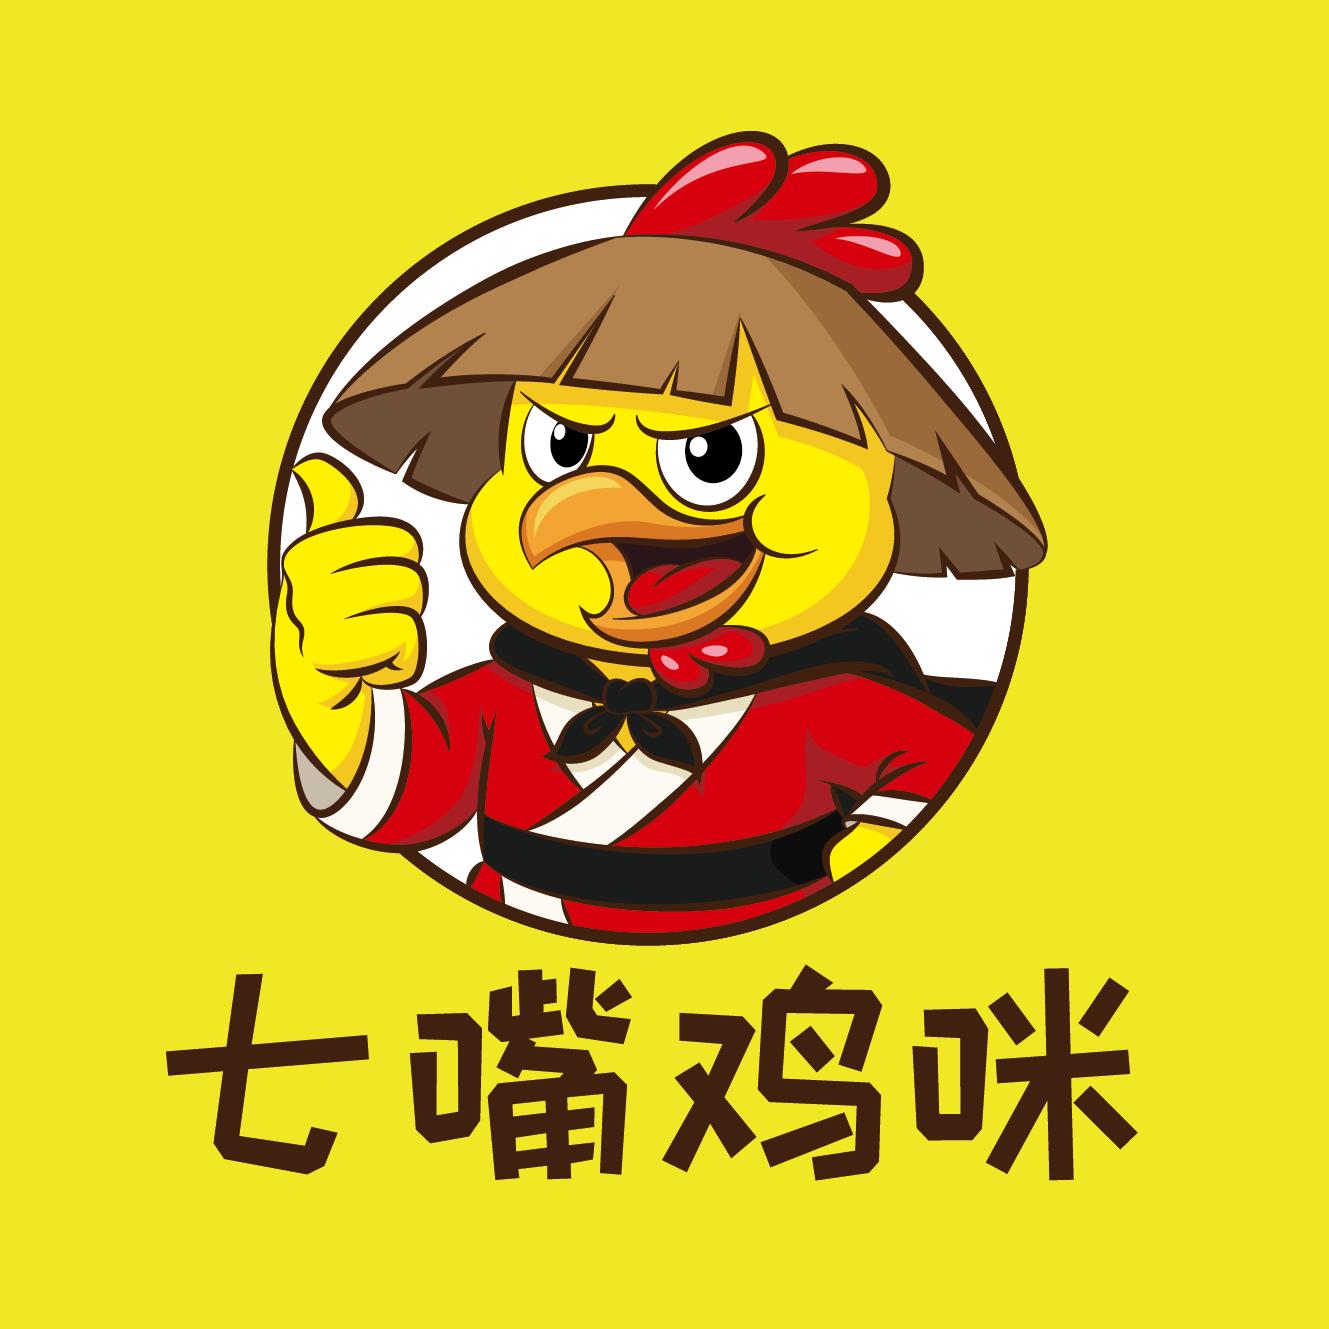 七嘴鸡咪项目篇